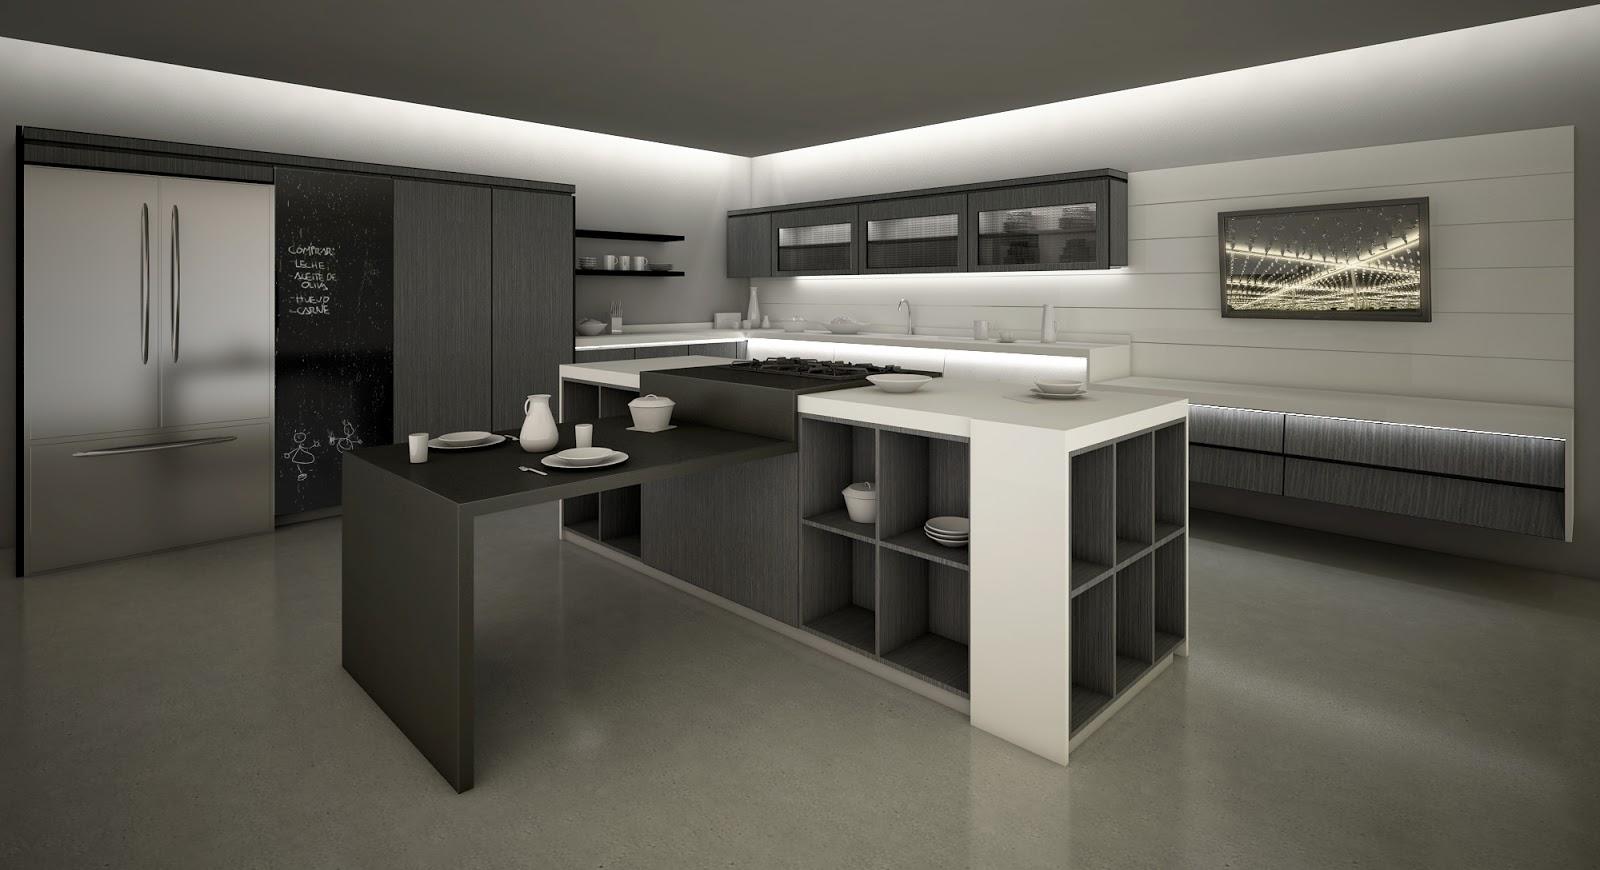 Masisa presenta la cocina xuni dessignare media arte for Programa para disenar closet y cocinas